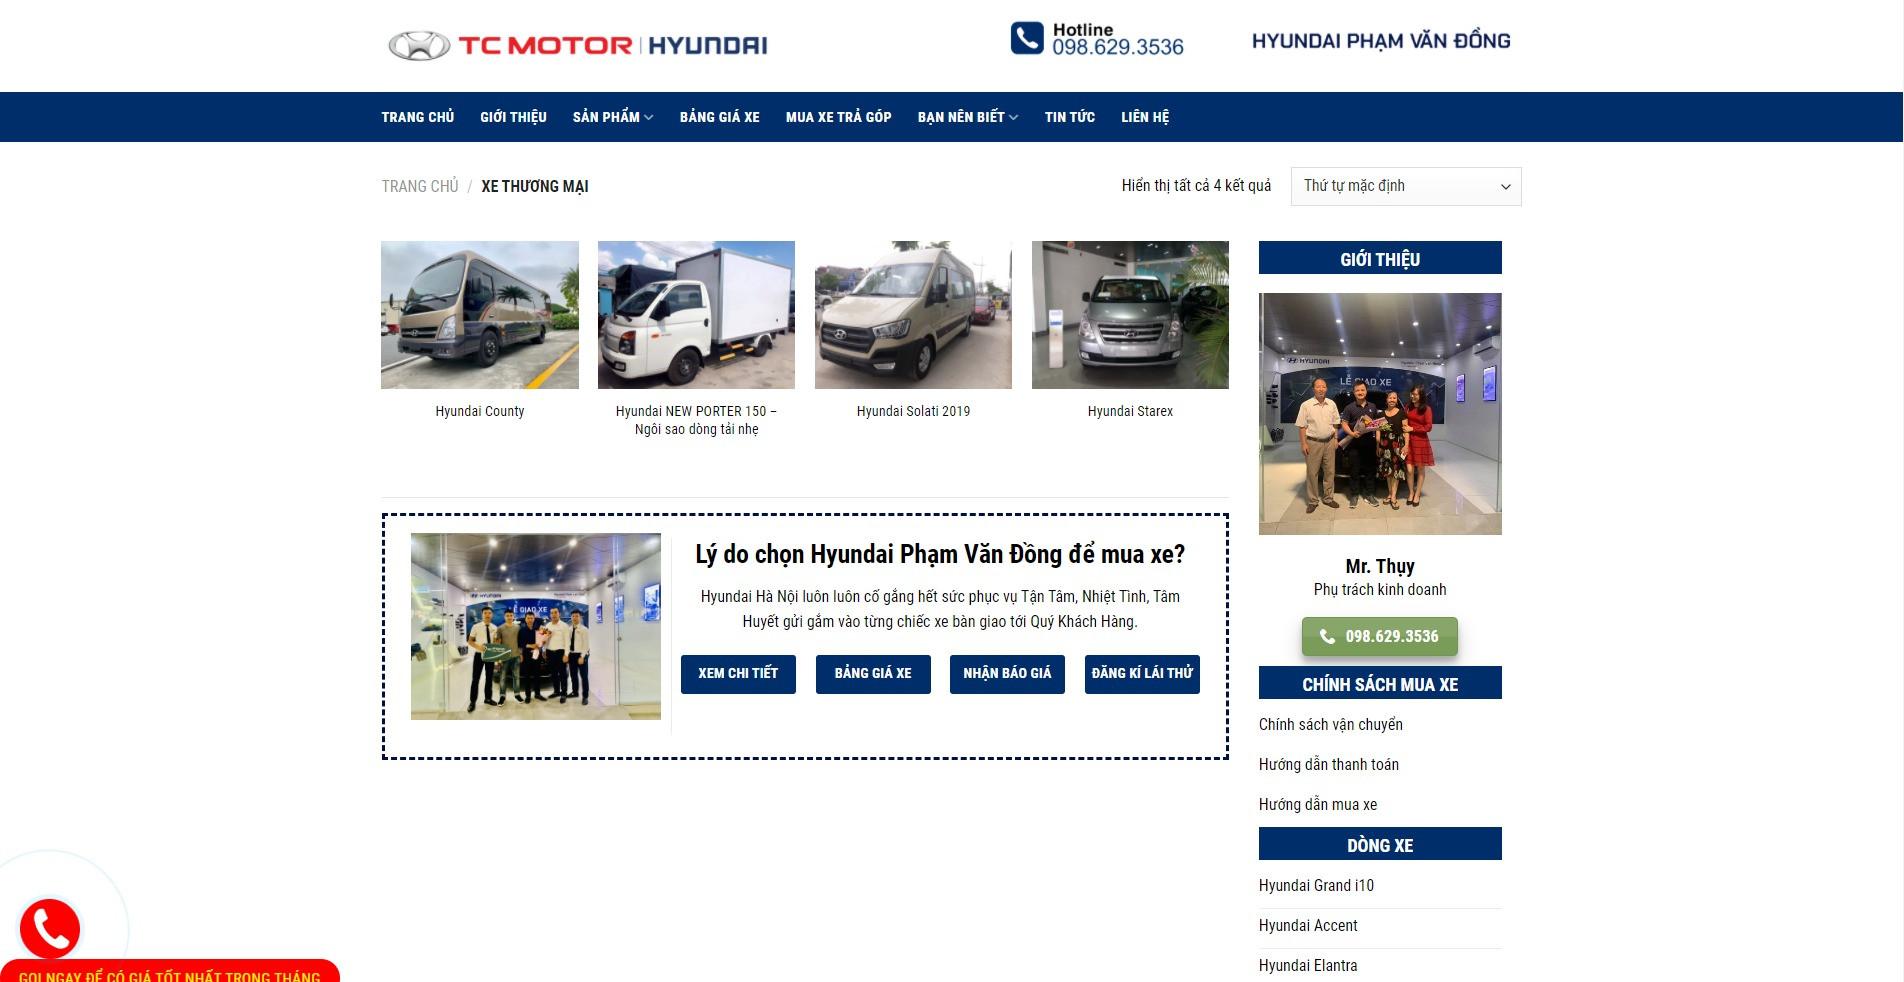 Trang danh mục các sản phẩm xe thương mại Hyundai